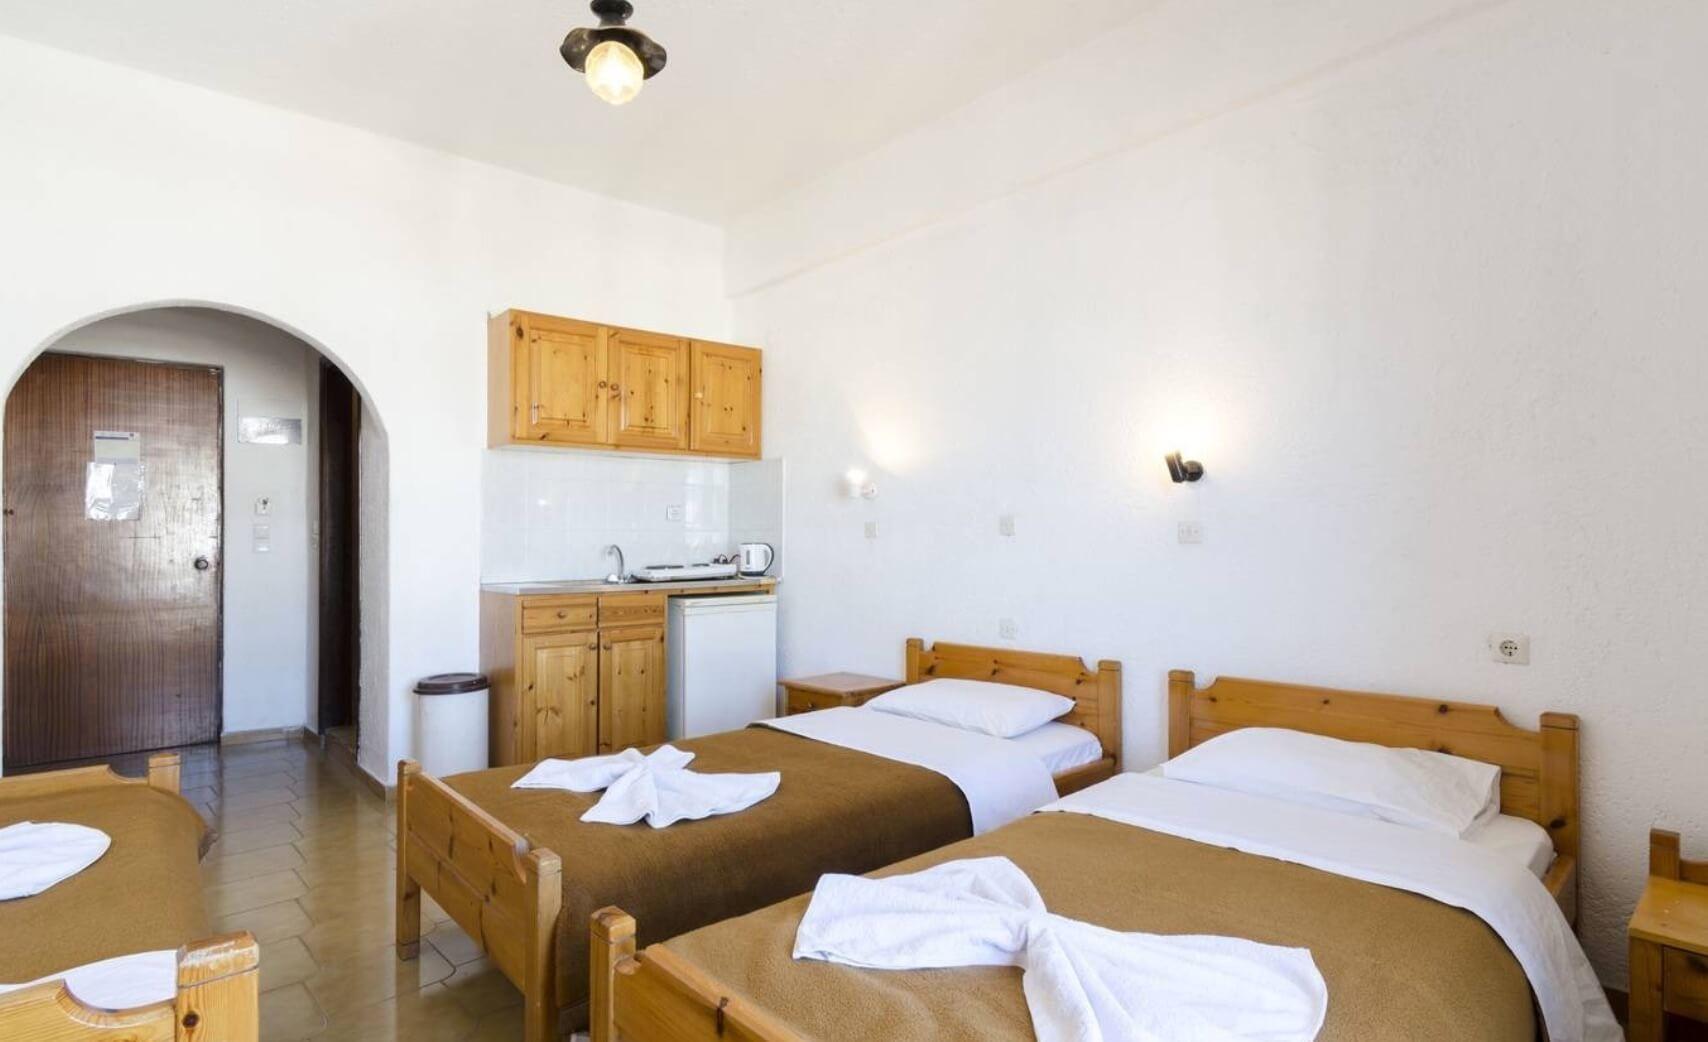 Тур на Крит в Малию в апарт-отель Argo Studios 2* (Греция) на 7 ночей с 19.05.19 от 28 975 рублей (RO) на двоих